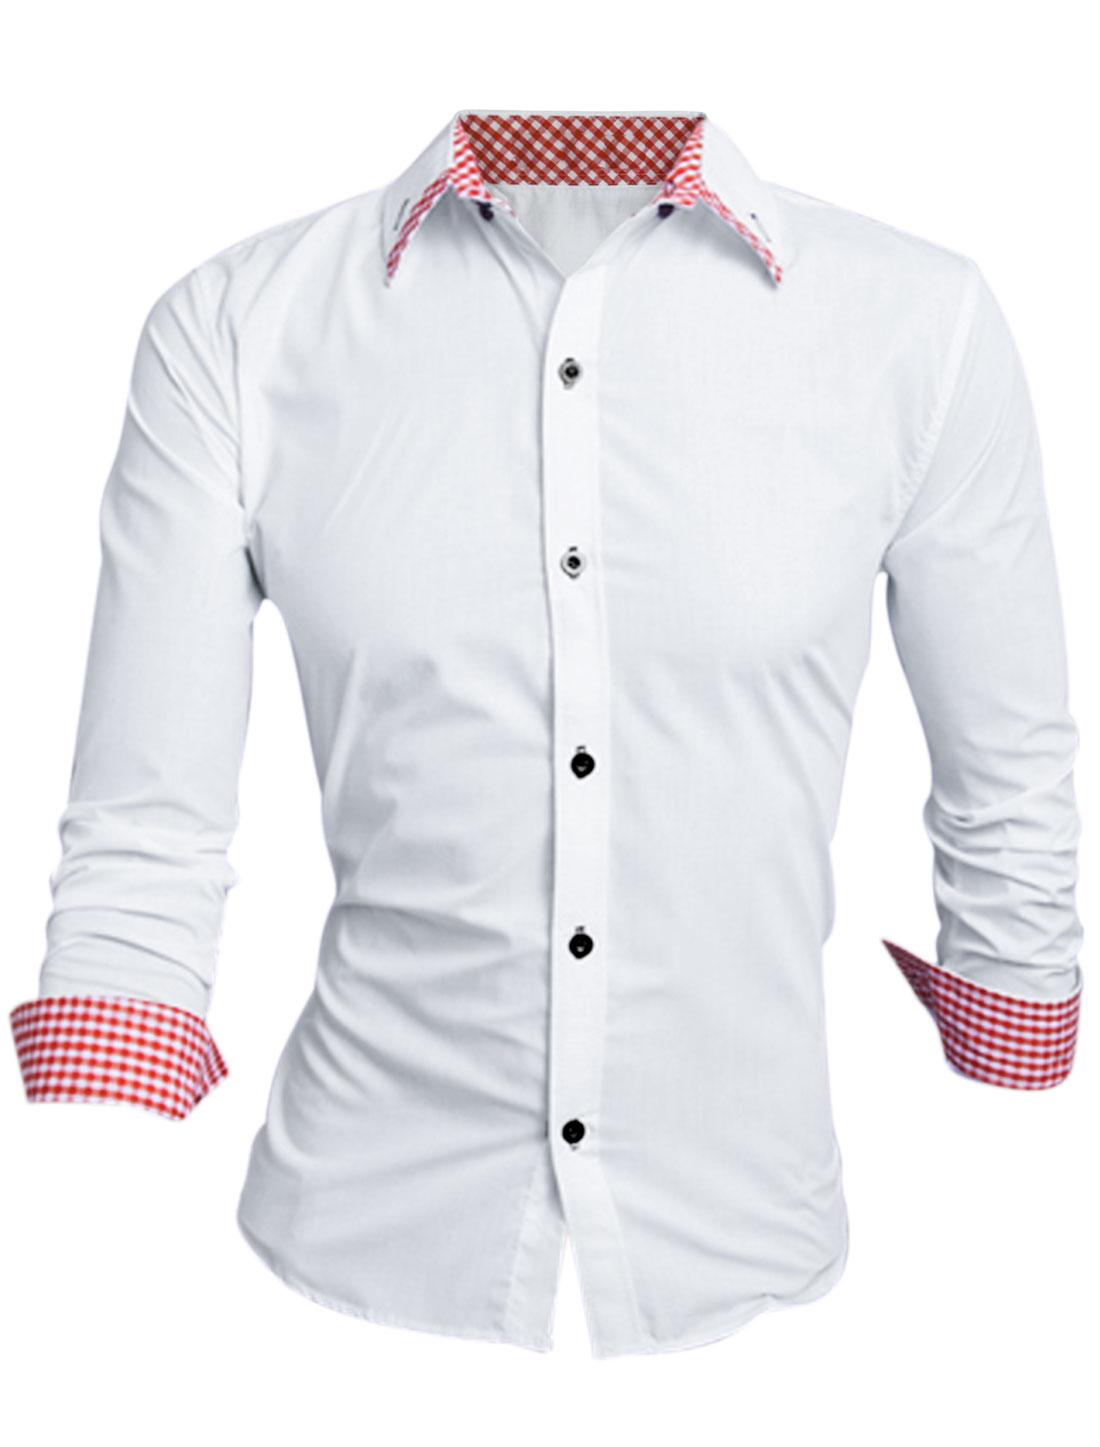 Men Point Collar Button Closure Button Cuffs Leisure Shirt White Red M